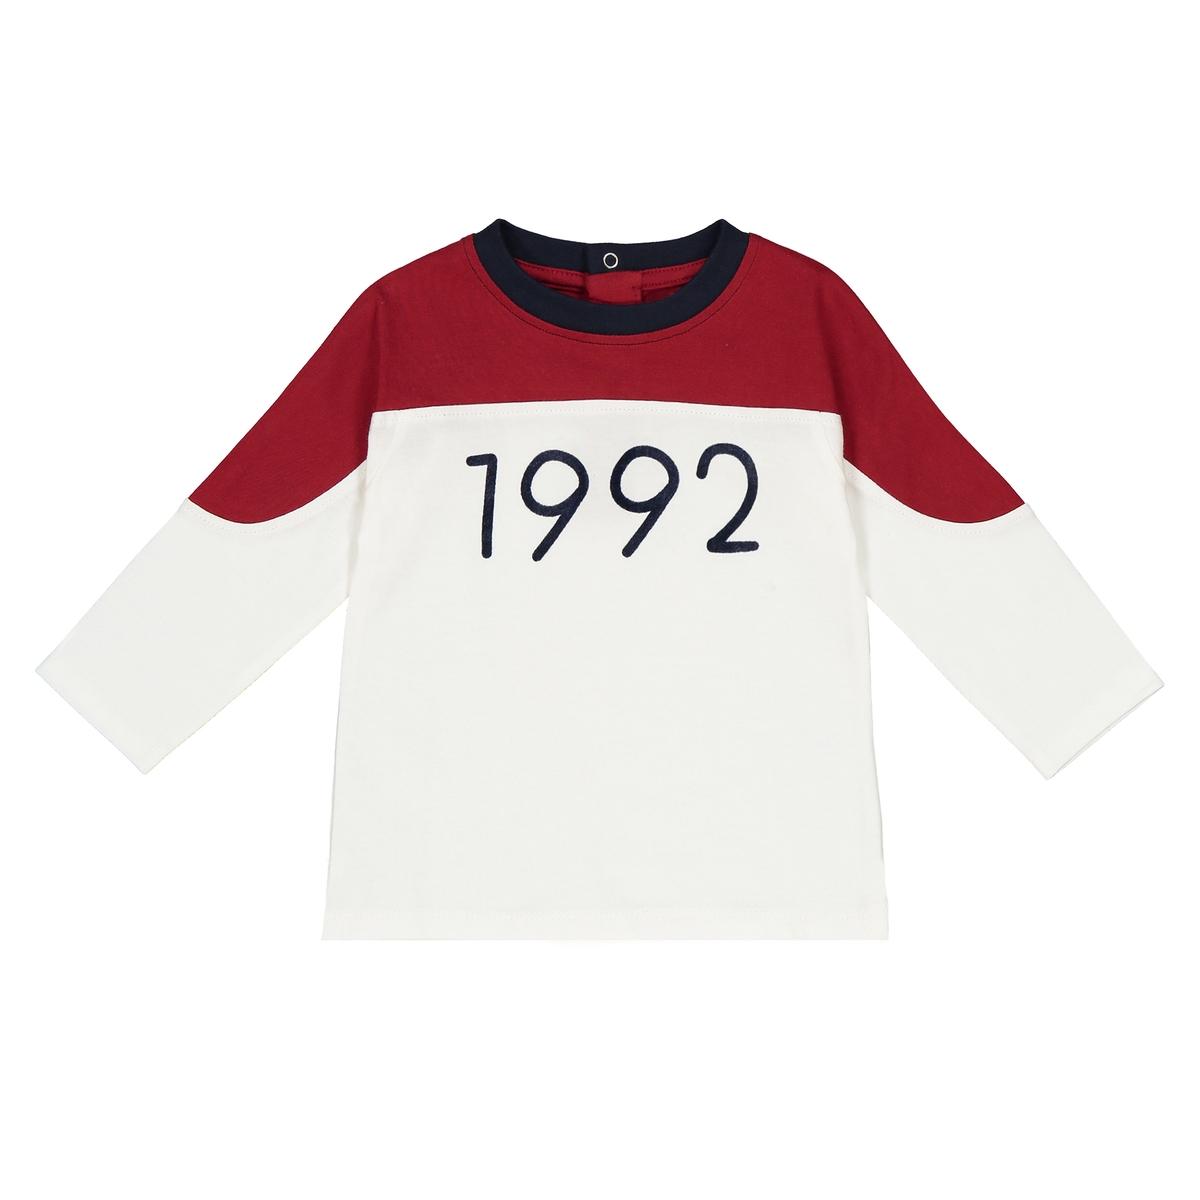 Футболка с длинными рукавами, 1 мес. - 3 года футболка с длинными рукавами 1 мес 3 лет